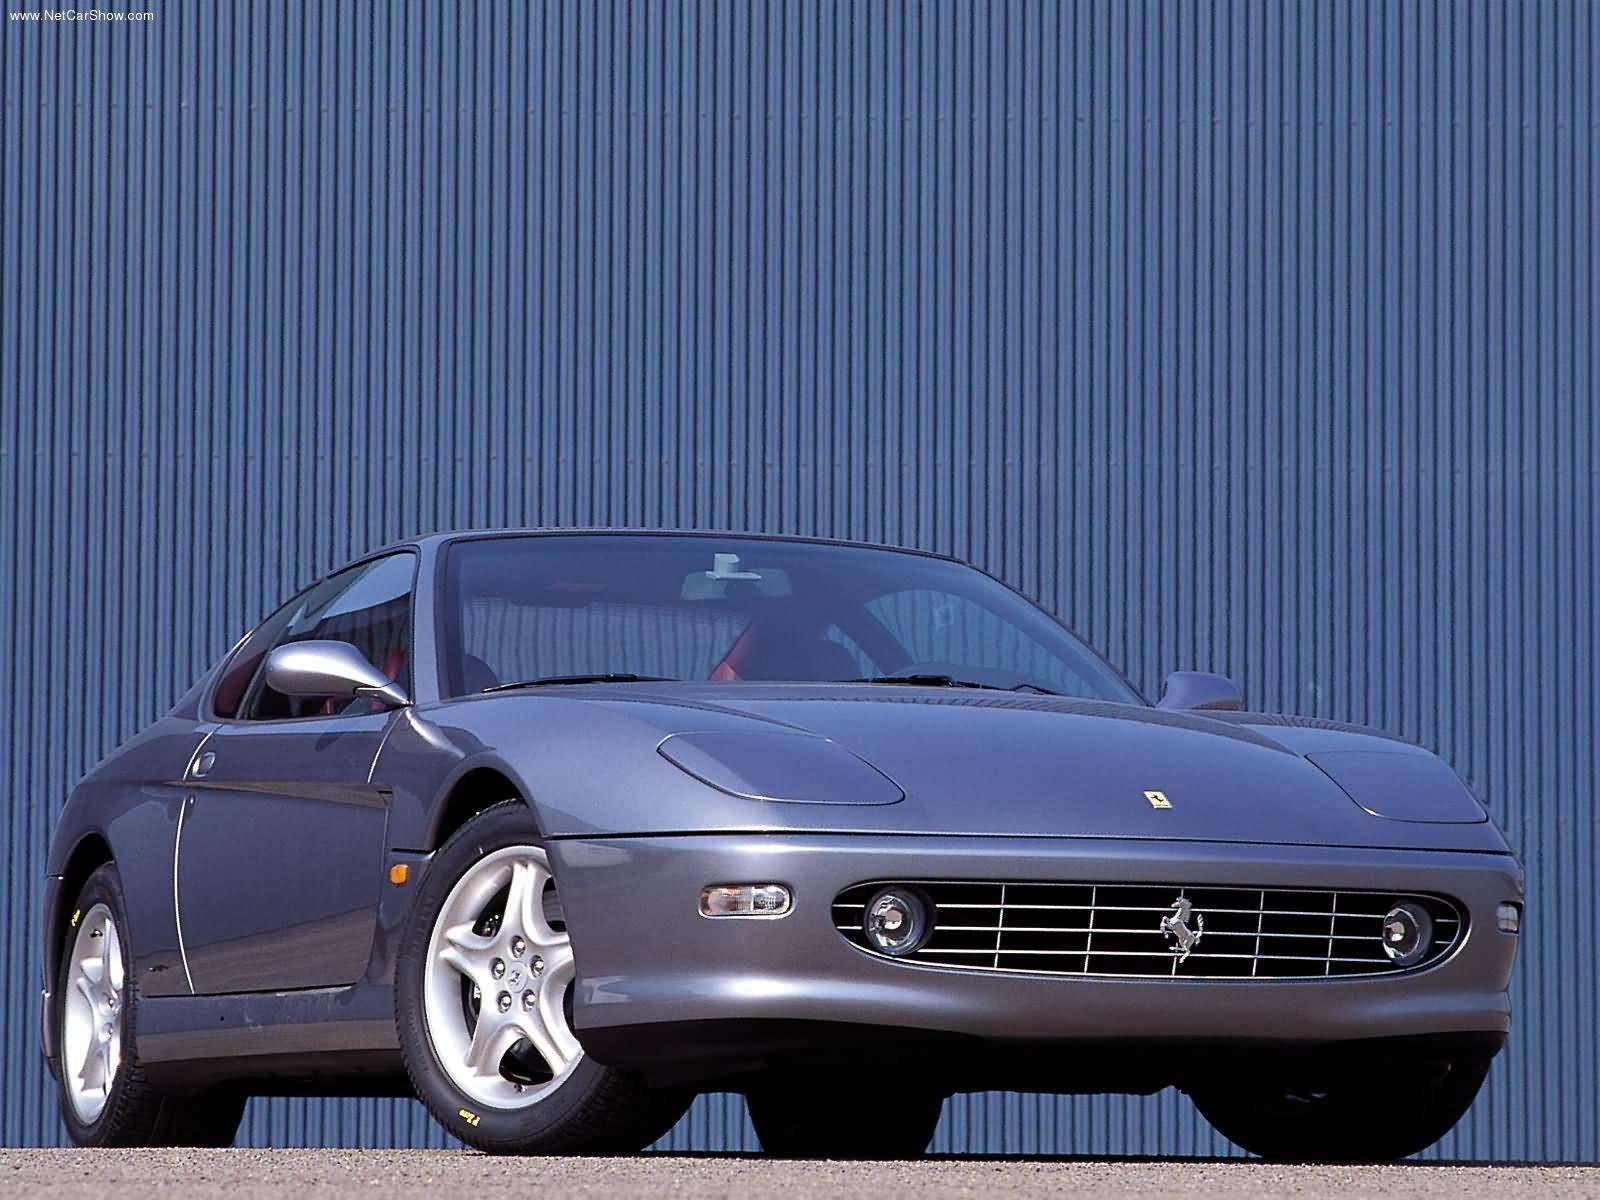 Hình ảnh siêu xe Ferrari 456M GT 2001 & nội ngoại thất